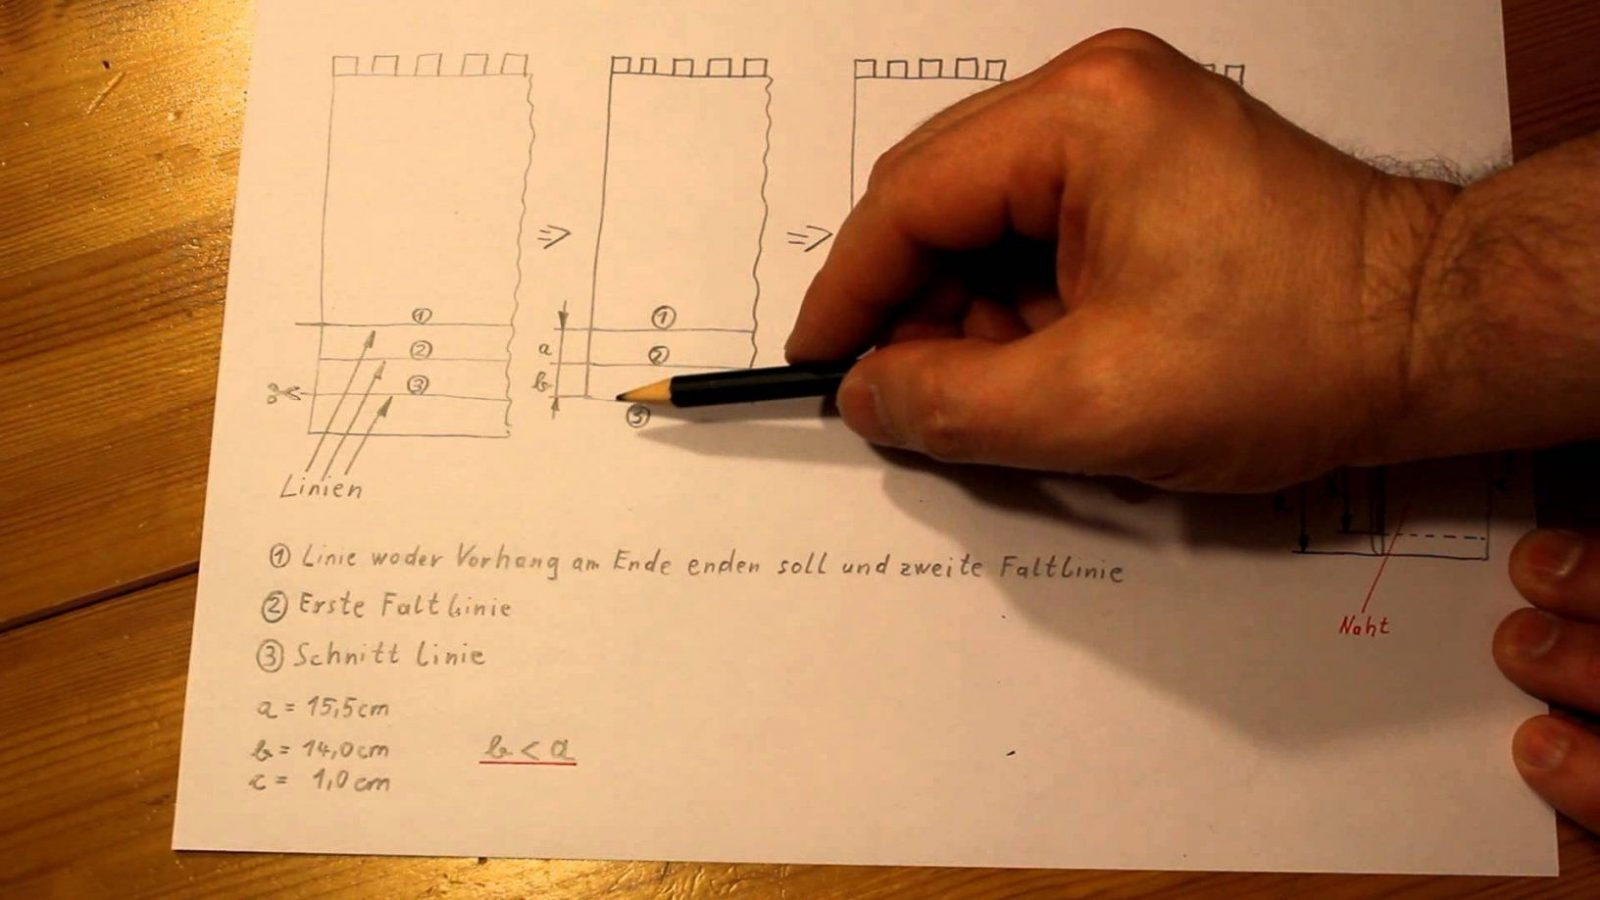 Vorhang Kürzen Teil 0808 Die Skizze  Youtube von Ikea Gardinen Kürzen Bild